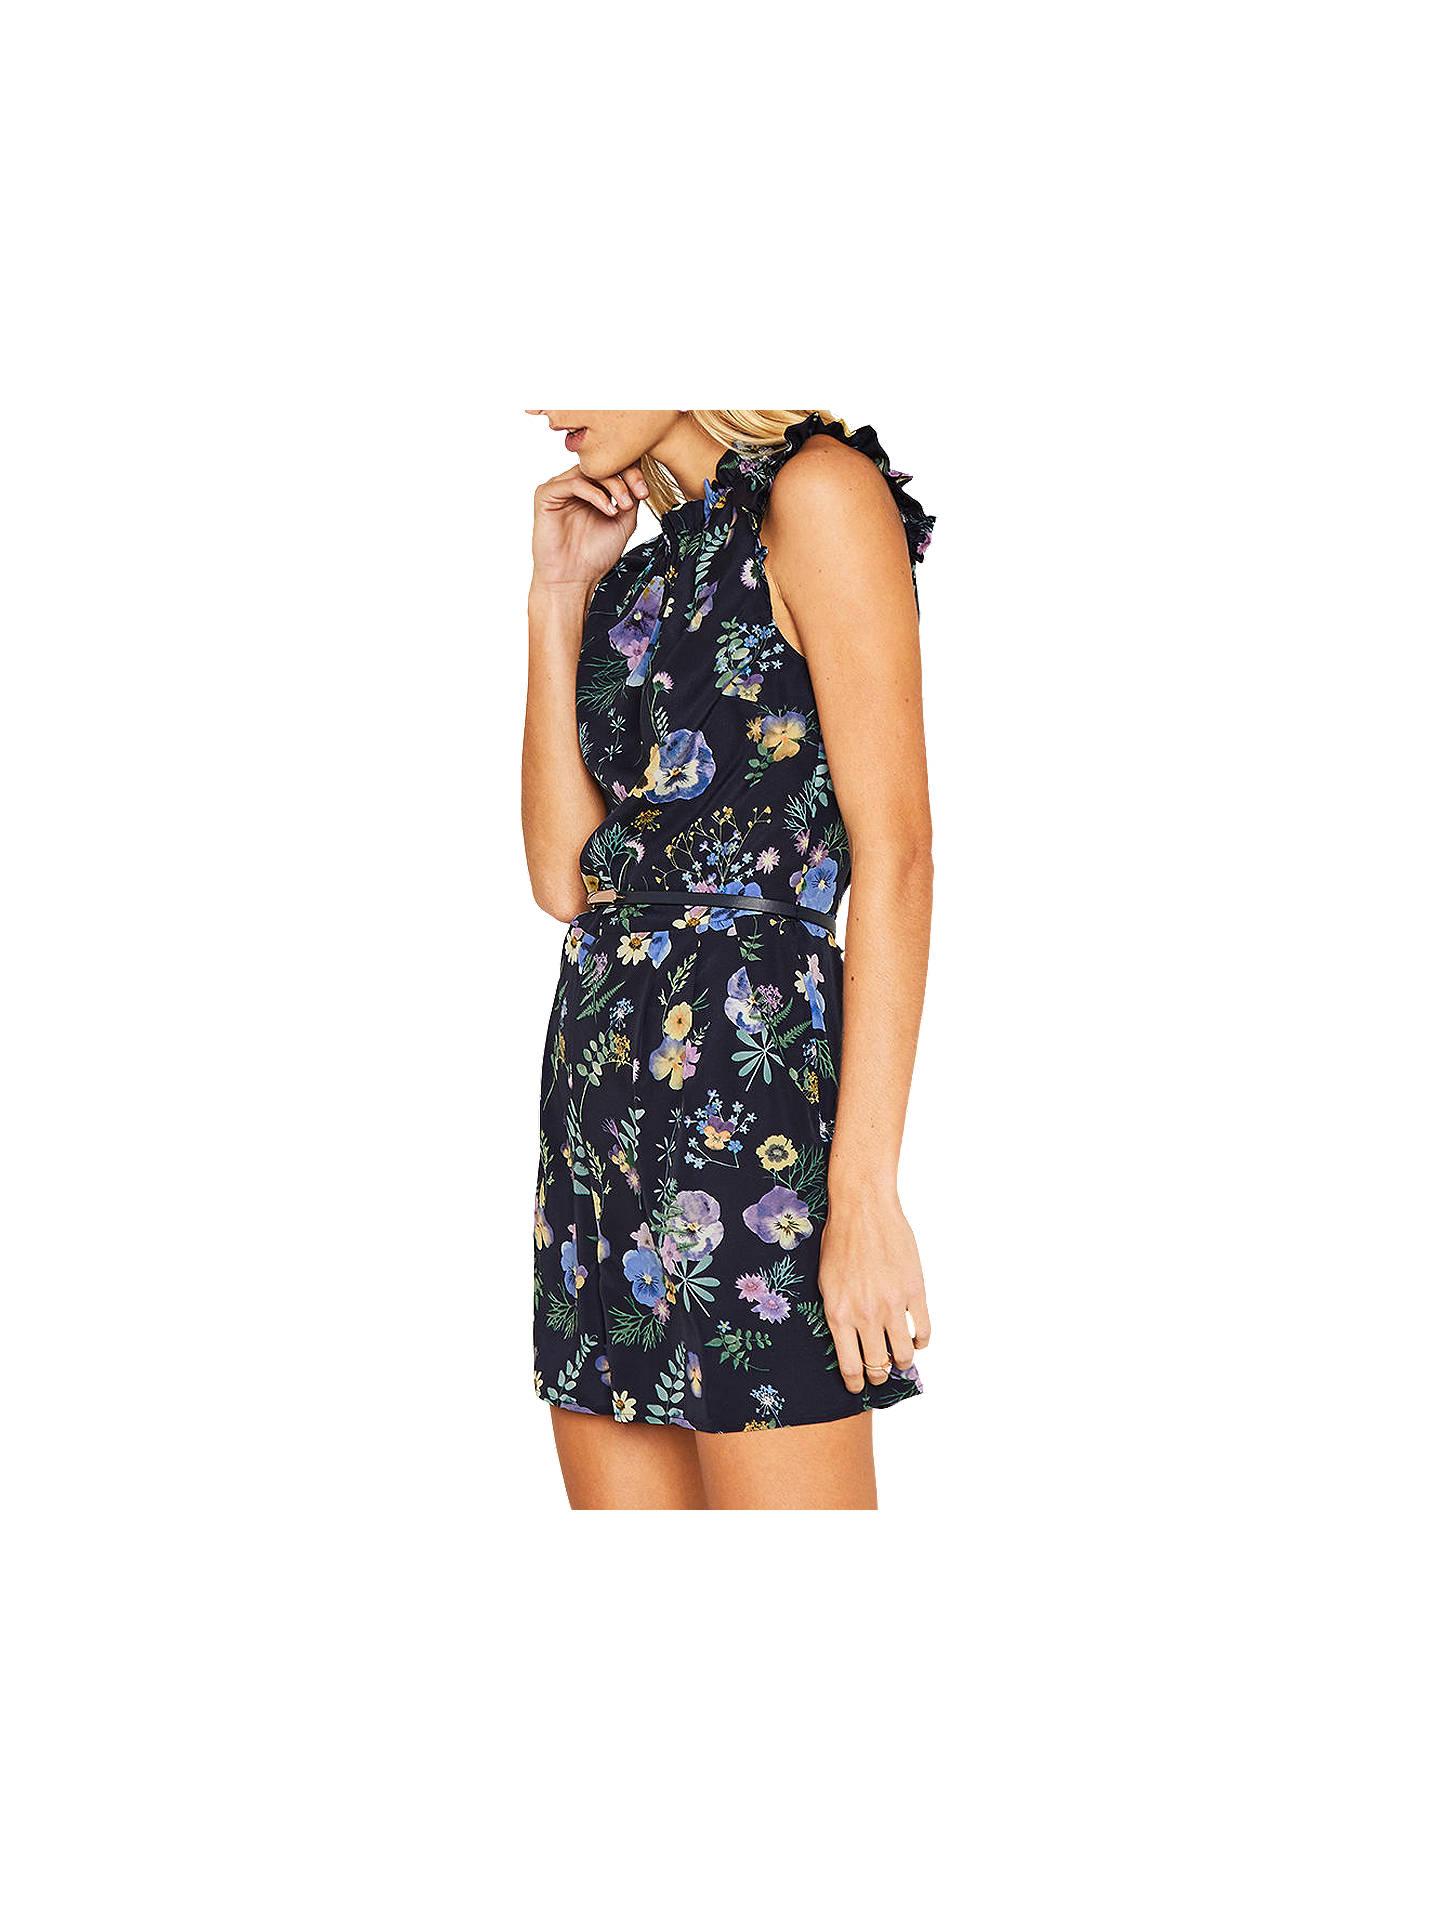 47828c1dda5 Buy Oasis Pressed Flower Playsuit